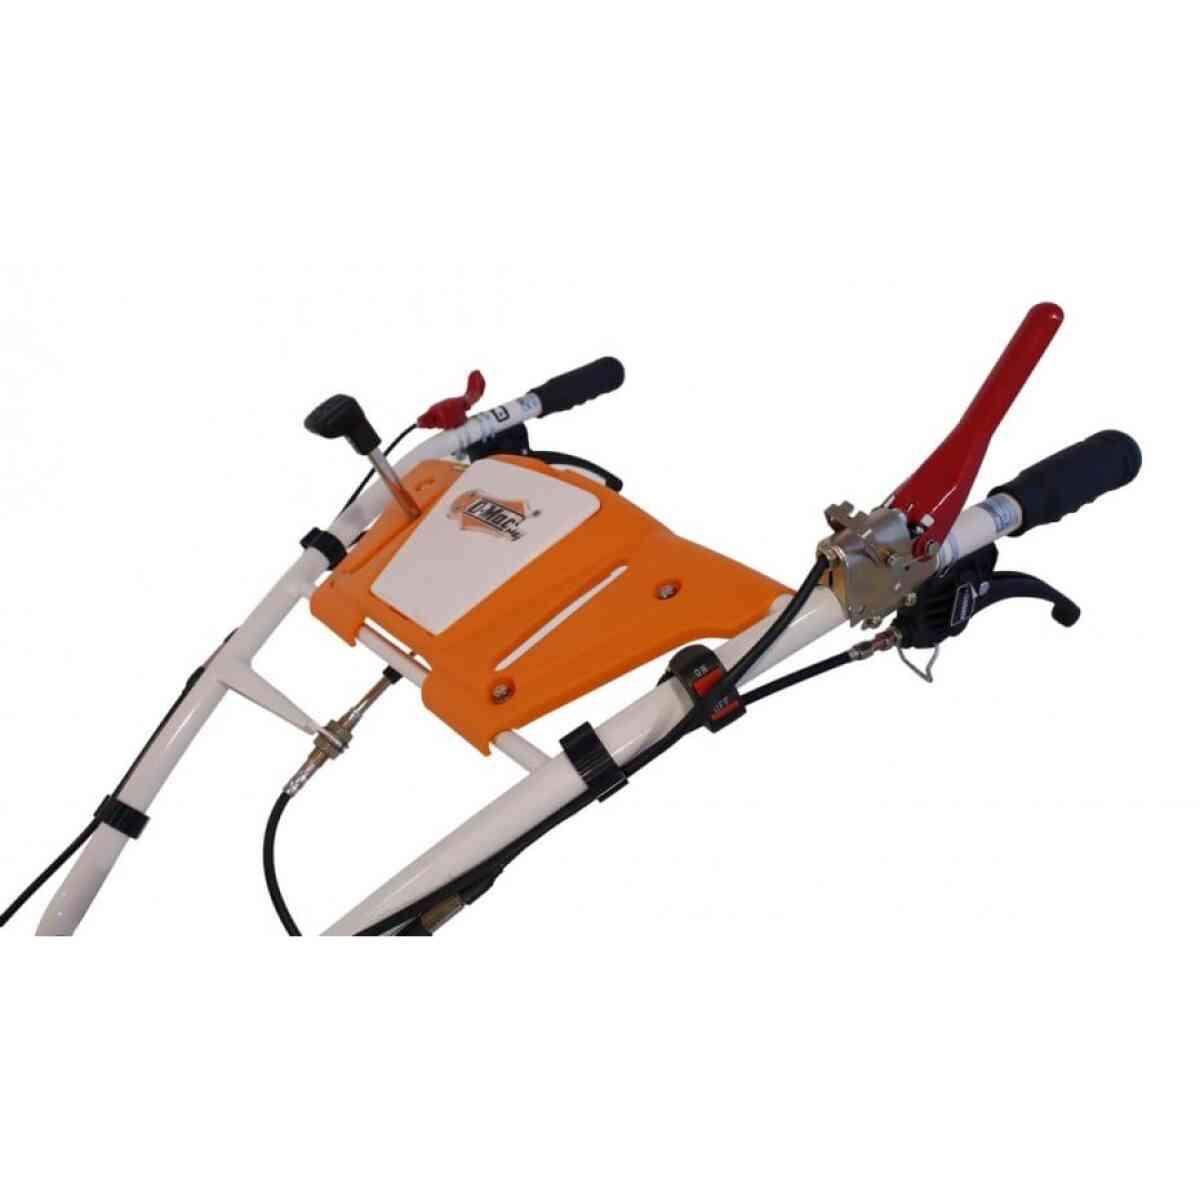 motocultor o mac new 1000 s 8cp cu roti o mac.ro 6 1 76